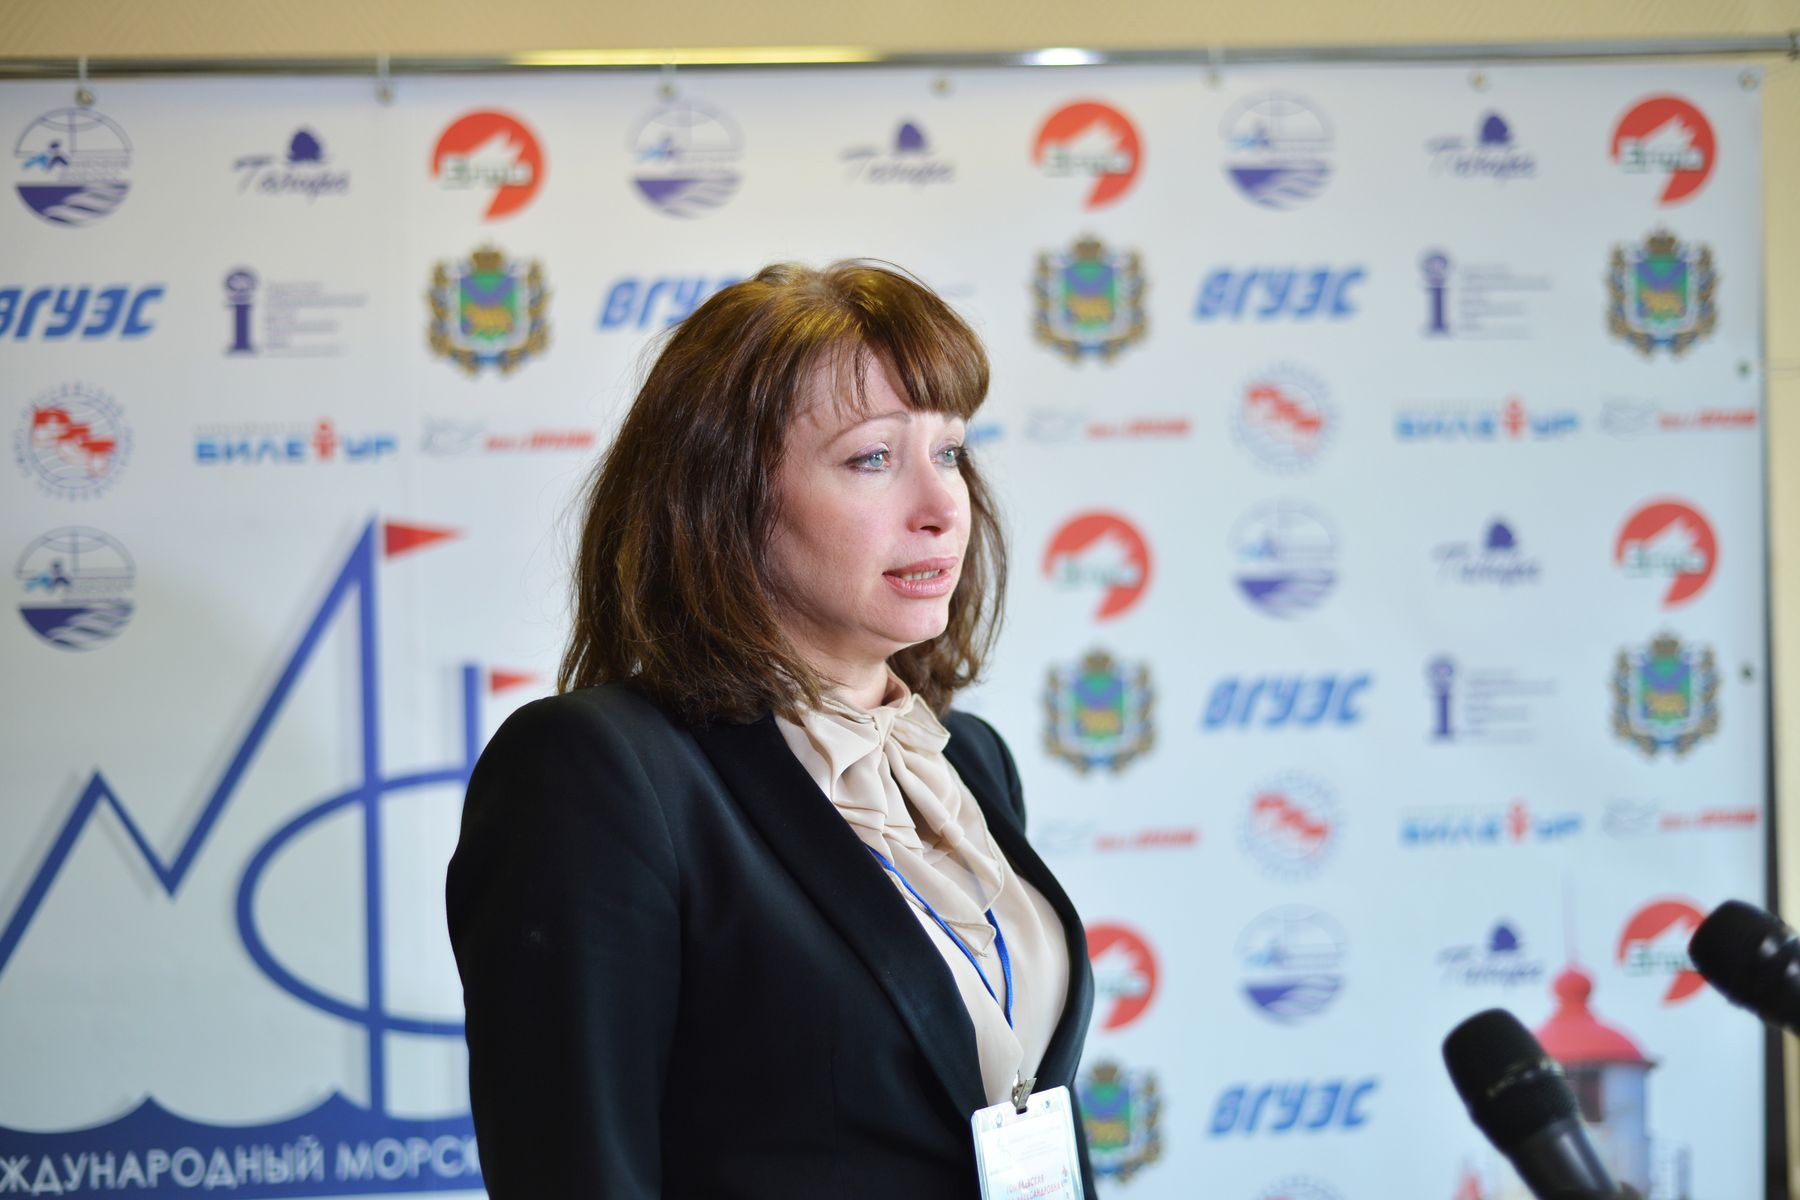 Во ВГУЭС состоялся II Международный морской форум